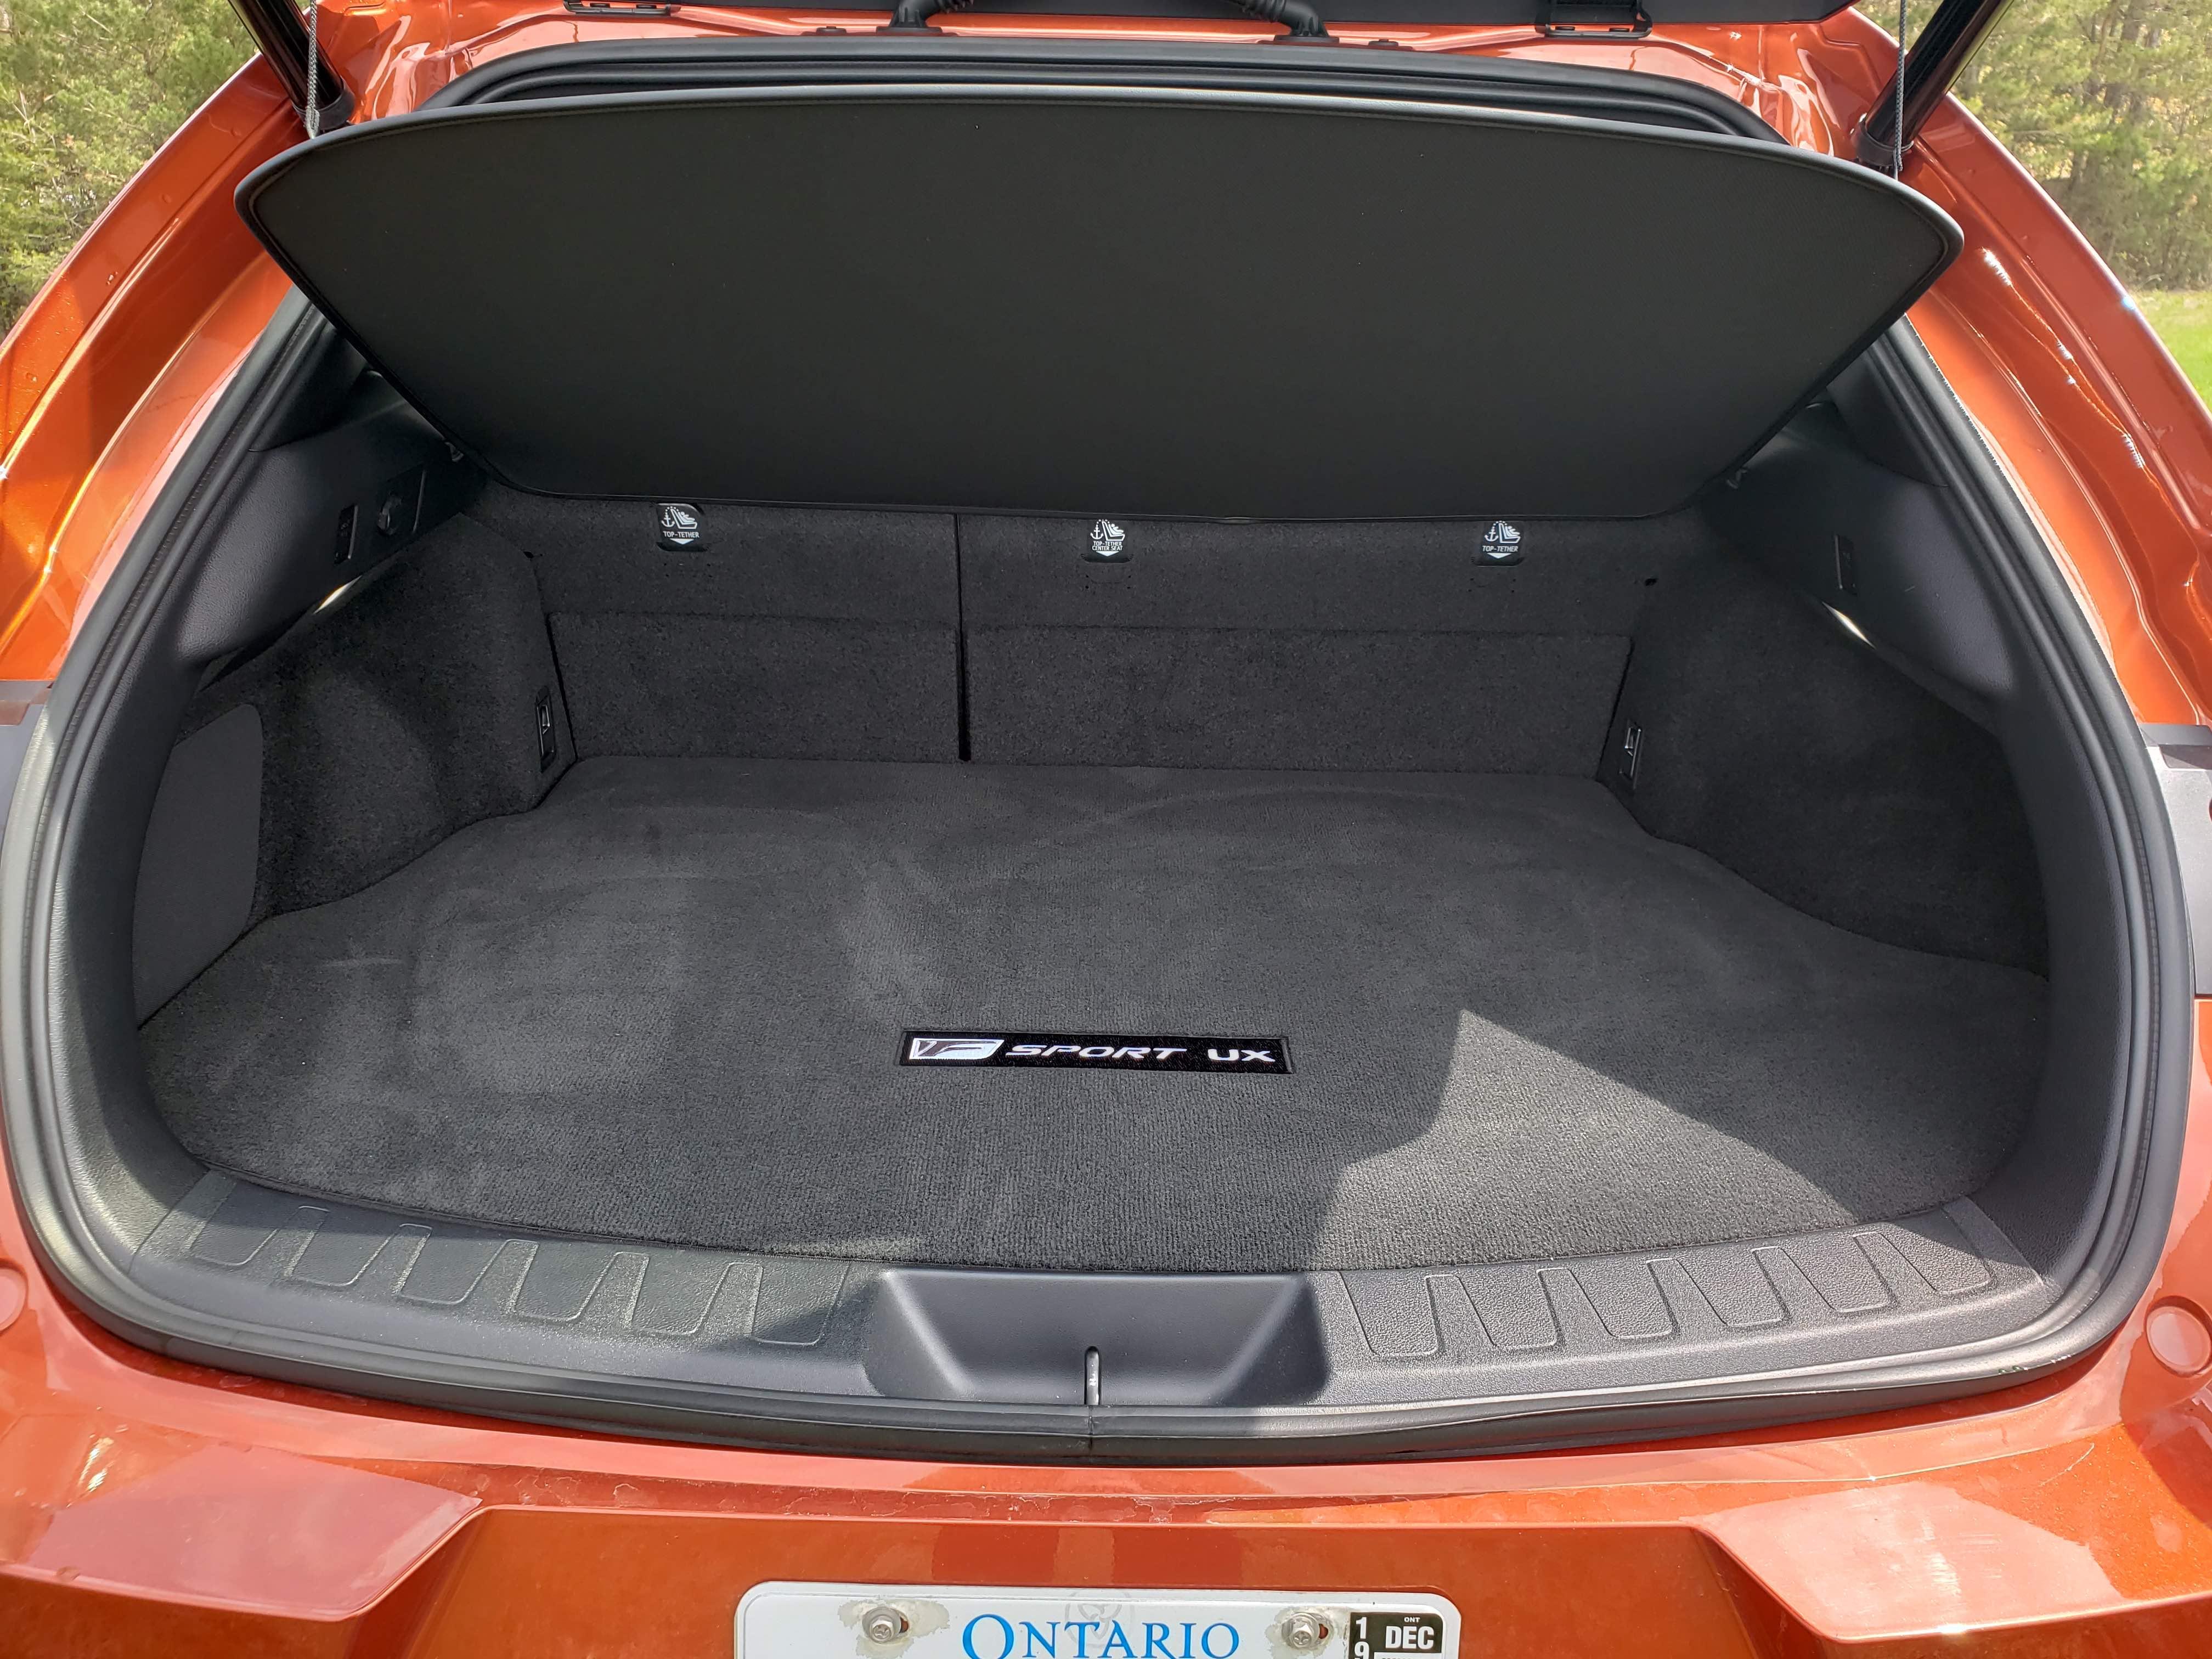 2019 Lexus UX 250h cargo